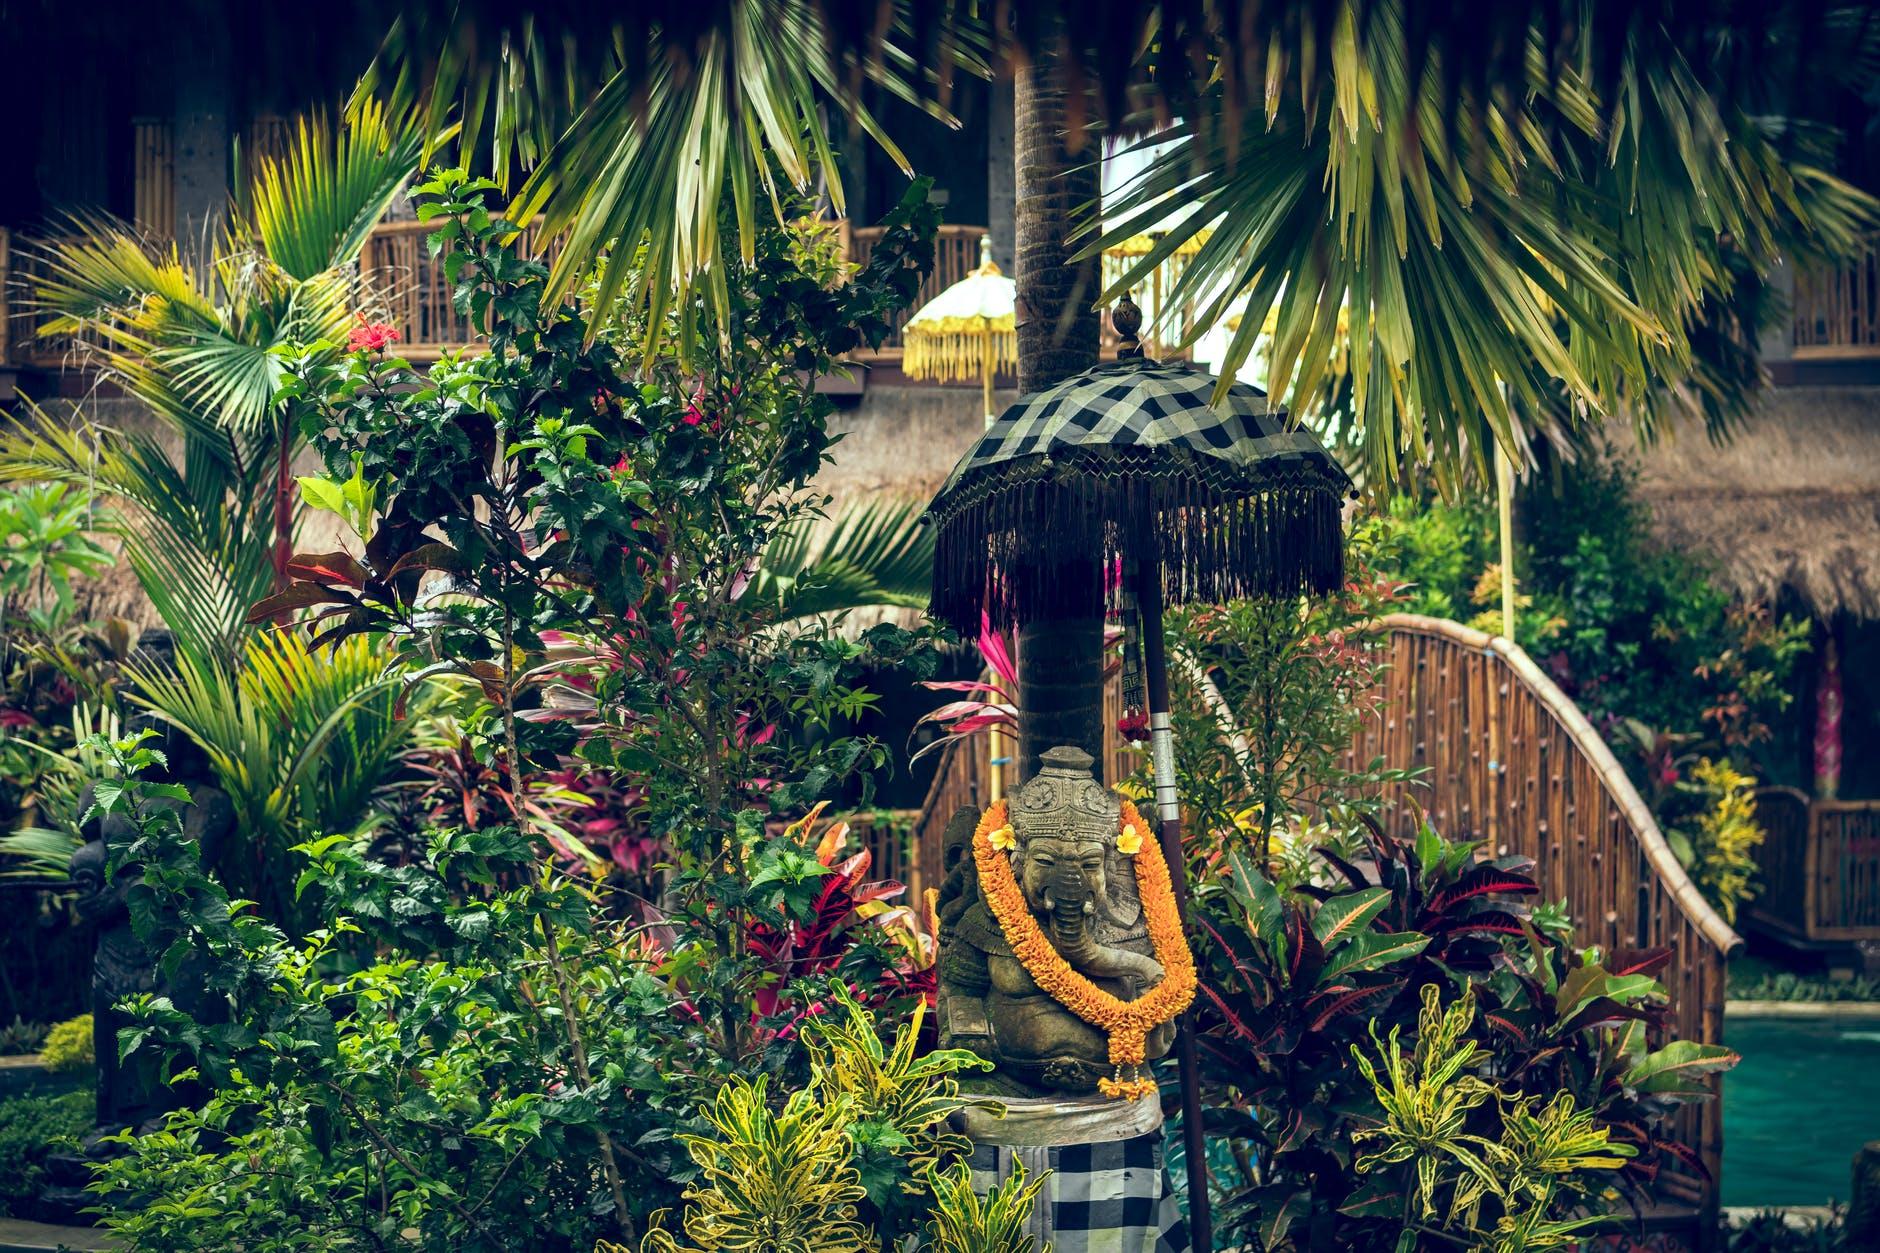 wereldse tuin